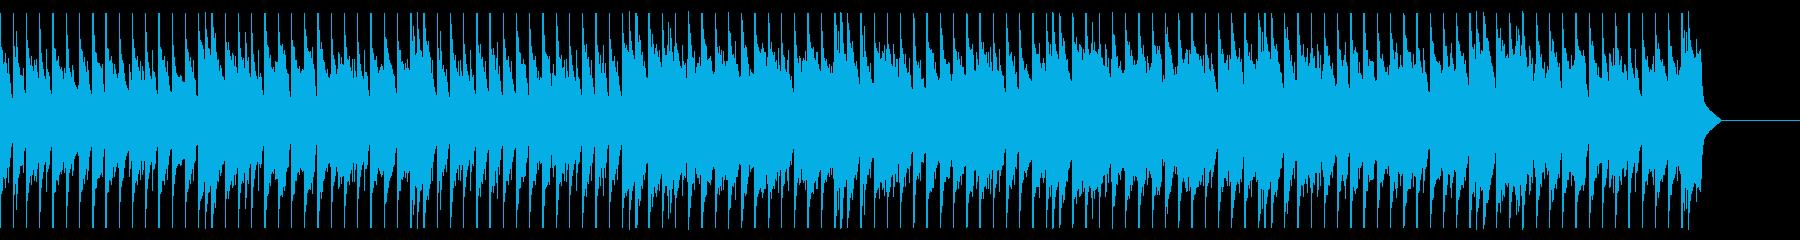 電子音・ボイパ アップテンポ の再生済みの波形